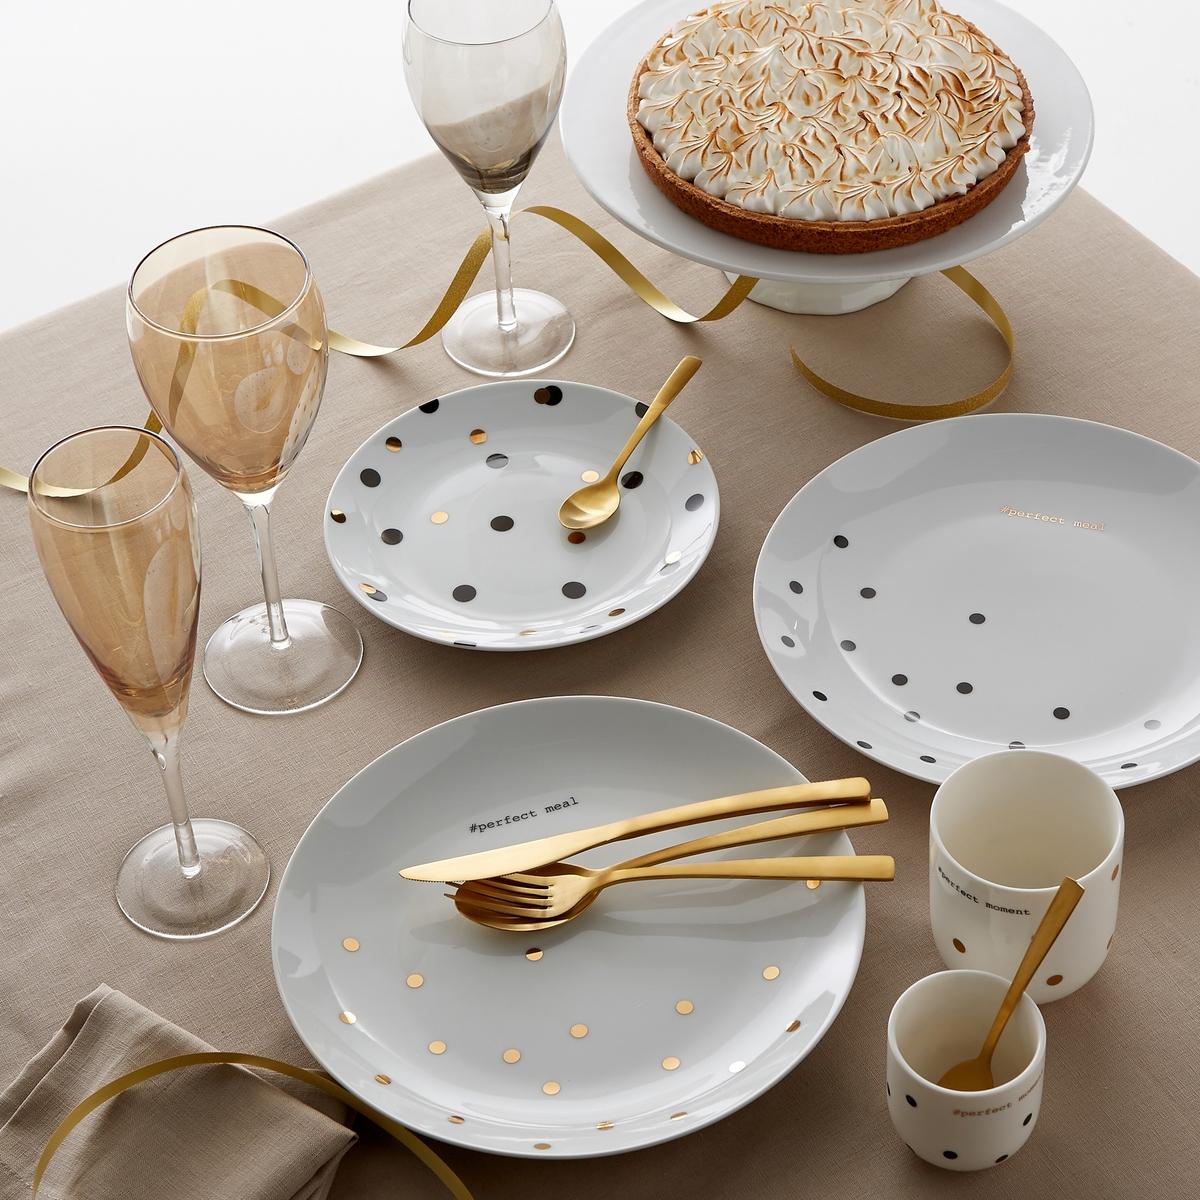 4 бокала под шампанское, Koutine4 бокала под шампанское Koutine La redoute Int?rieurs . Янтарный или темно-серый цвет для создания гармонии оттенков на вашем столе  . Характеристики 4 бокалов под шампанское Koutine  :- Бокал для шампанского из стекла, выдуваемого с помощью рта   - Диаметр : 7,5 см   - Высота : 26 см - Подходят для мытья в посудомоечной машине- Продаются в комплекте из 4 штукНайдите всю коллекцию Koutine на нашем сайте laredoute.ru<br><br>Цвет: дымчато-серый,янтарь